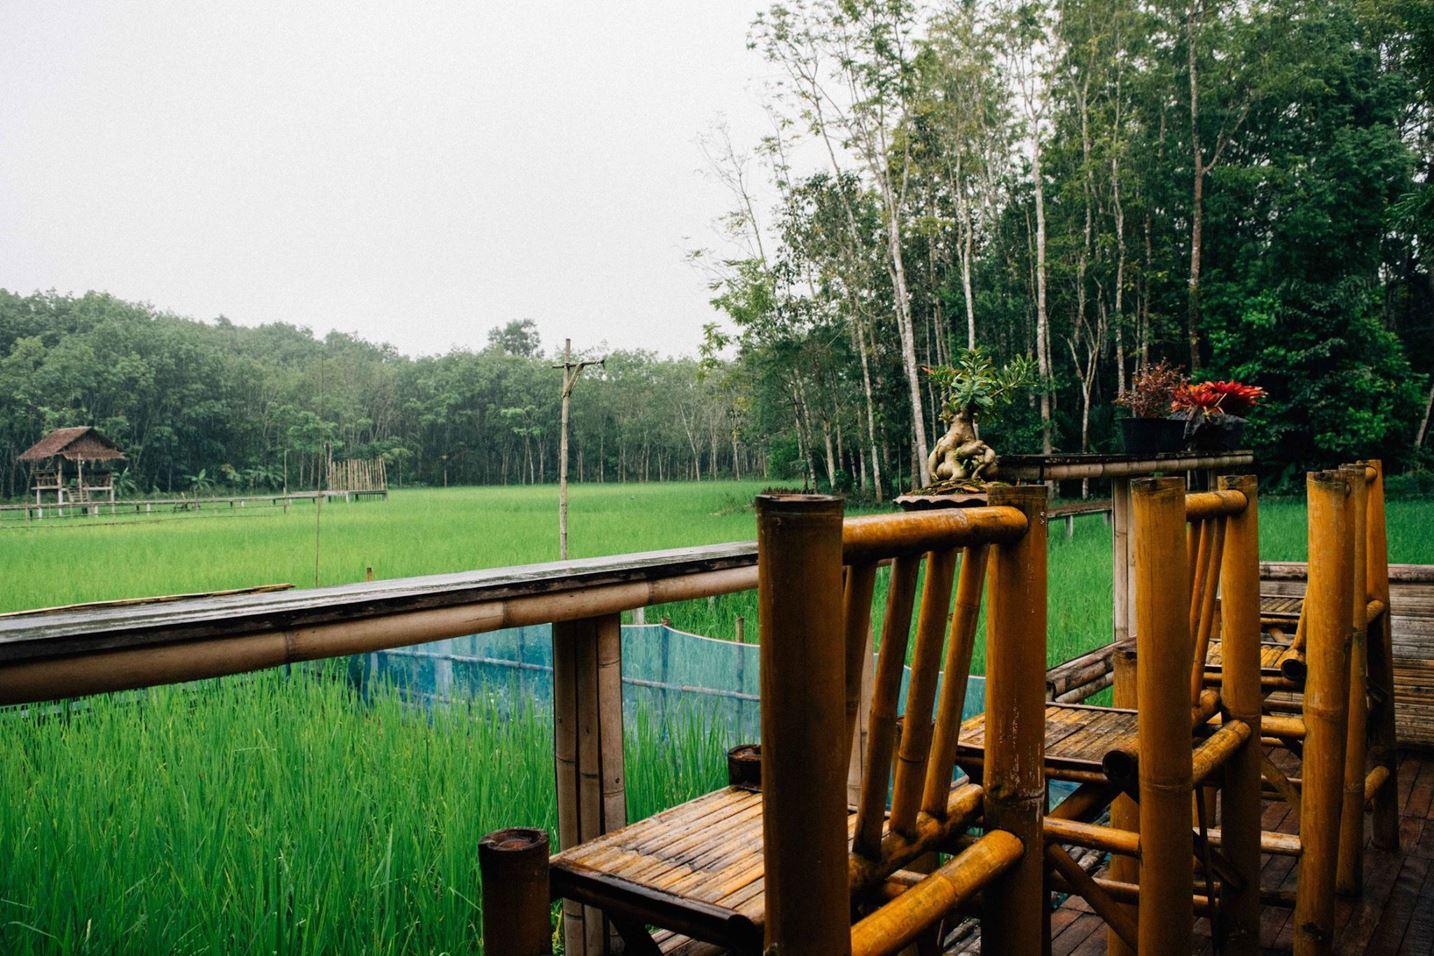 4.-ไร่เกษมสุข-นครศรีธรรมราช เป็น-Cafe-สวยๆ-ในจุดท่องเที่ยวเชิงเกษตรผสมผสานวิถีชีวิตที่พอเพียง-ร้านมีจุดเด่นเป็นสะพานไม้ไผ่ยื่นไปในทุ่งนา-ได้บรรยากาศของวิถีธรรมชาติ-เรียบง่ายครับ คาเฟ่สวย,วิวหลักล้าน,นครศรีธรรมราช,รวมcafe,คาเฟ่,ร้านอาหาร,ร้านกาแฟ,ภูเขา